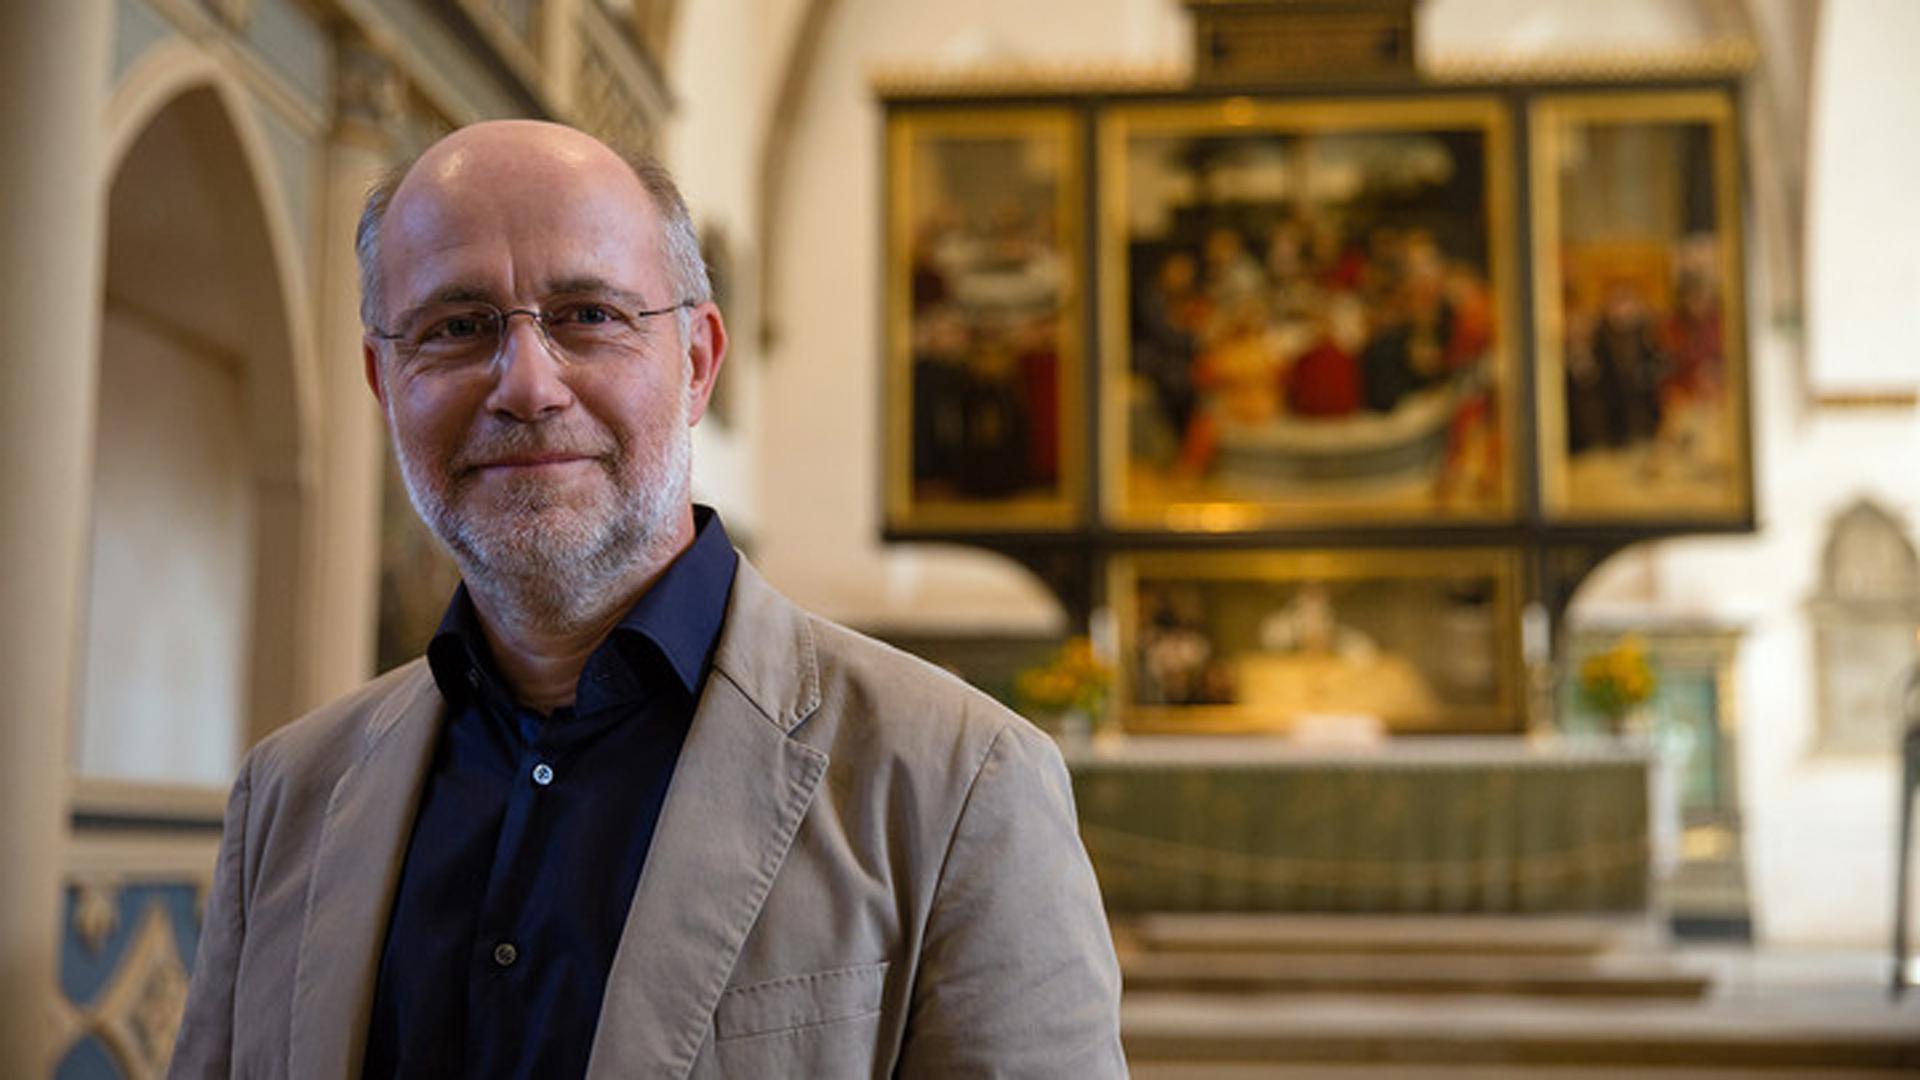 Harald Lesch begibt sich im Osterprogramm des ZDF auf die Spuren des Reformators Martin Luther. Es ist eines von vielen Formaten, in denen die Sender das Osterfest würdigen